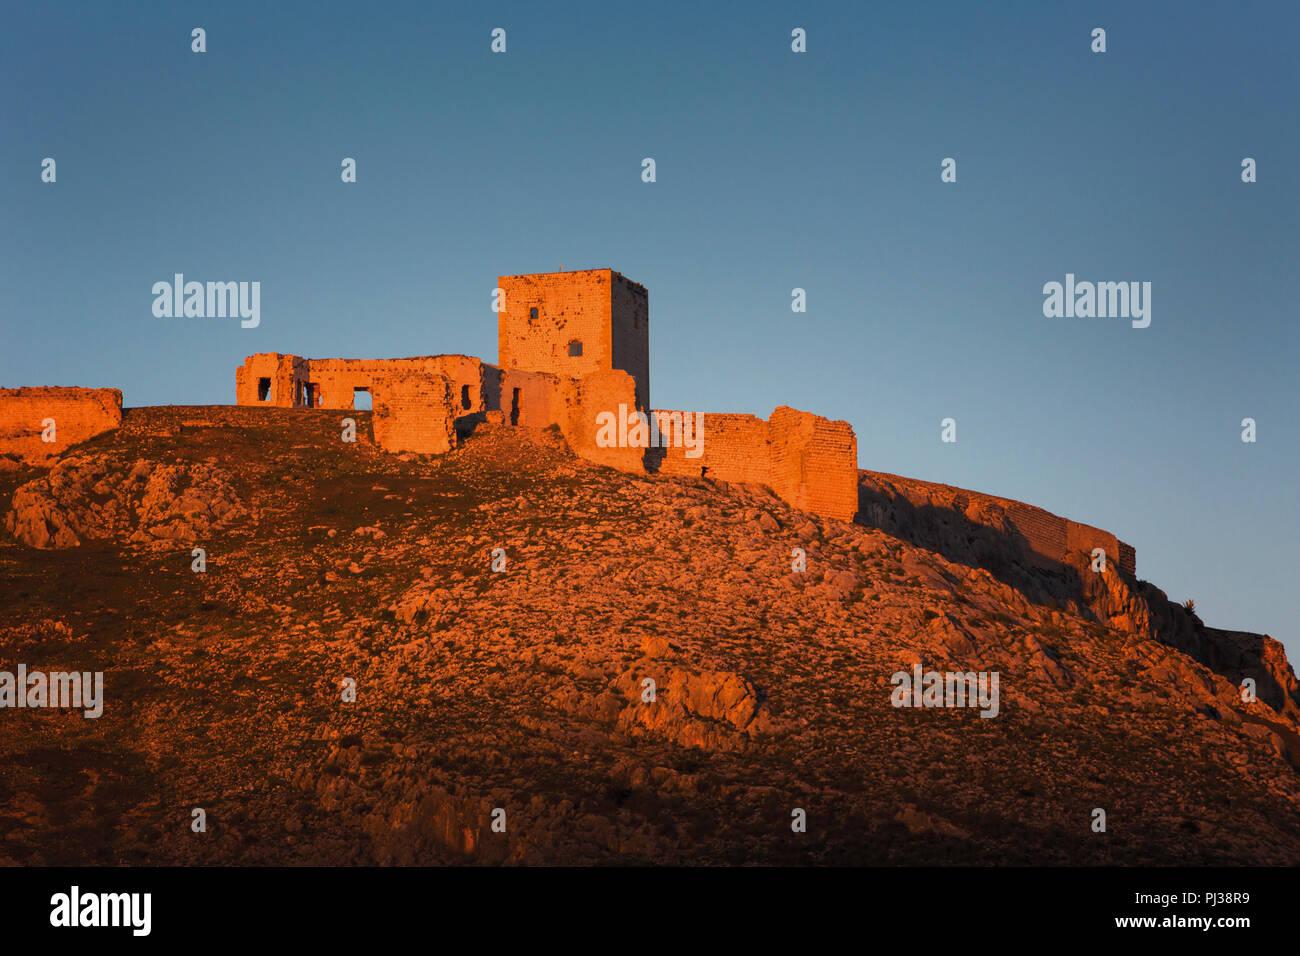 Teba, Malaga, Andalusia, Spagna; Castillo de la Estrella (castello della stella), la scena della battaglia di Teba, Agosto 25, 1330. Il cavaliere scozzese Sir James Immagini Stock